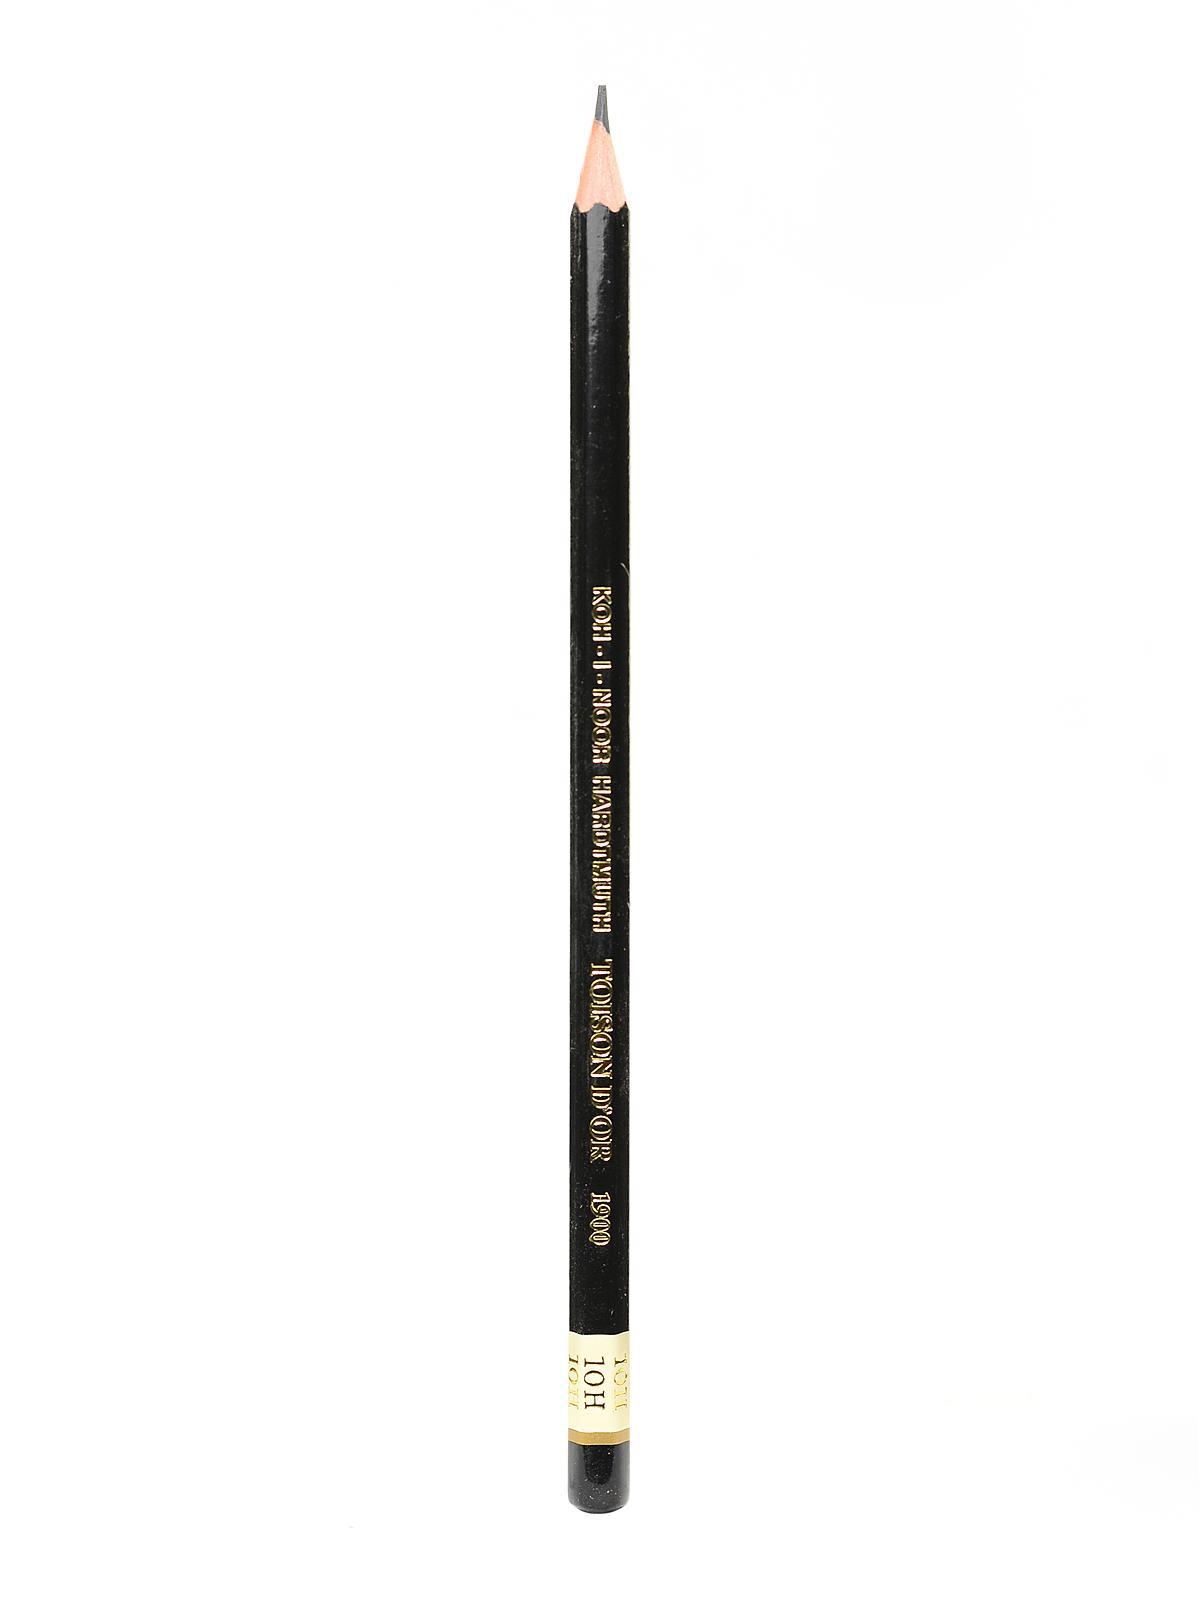 Toison D'or Graphite Pencils